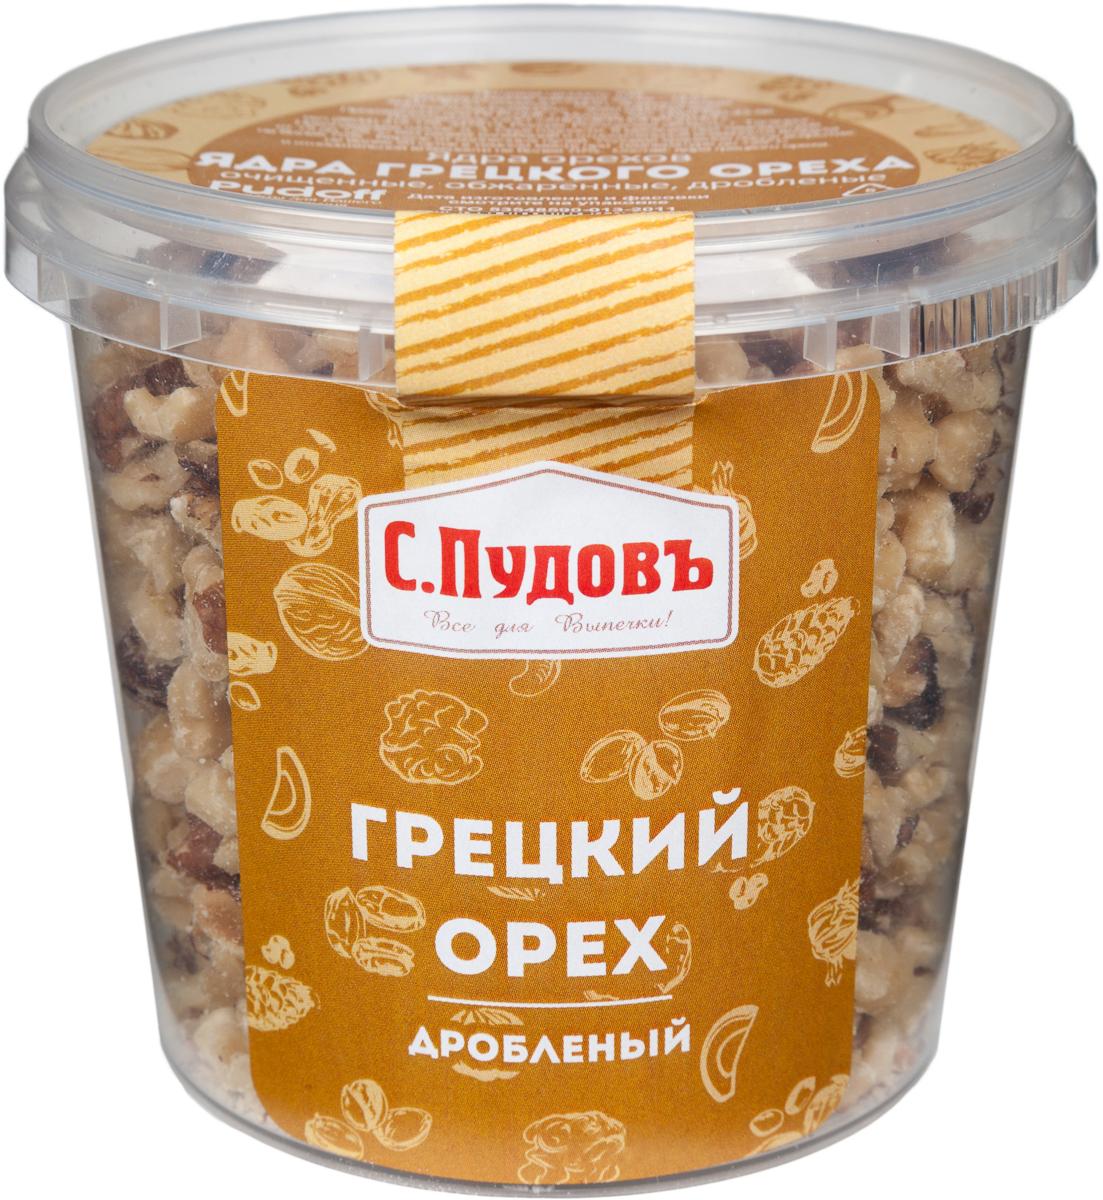 Пудовъ грецкий орех дробленый, 180 г с пудовъ кисель молочный ванильный 40 г